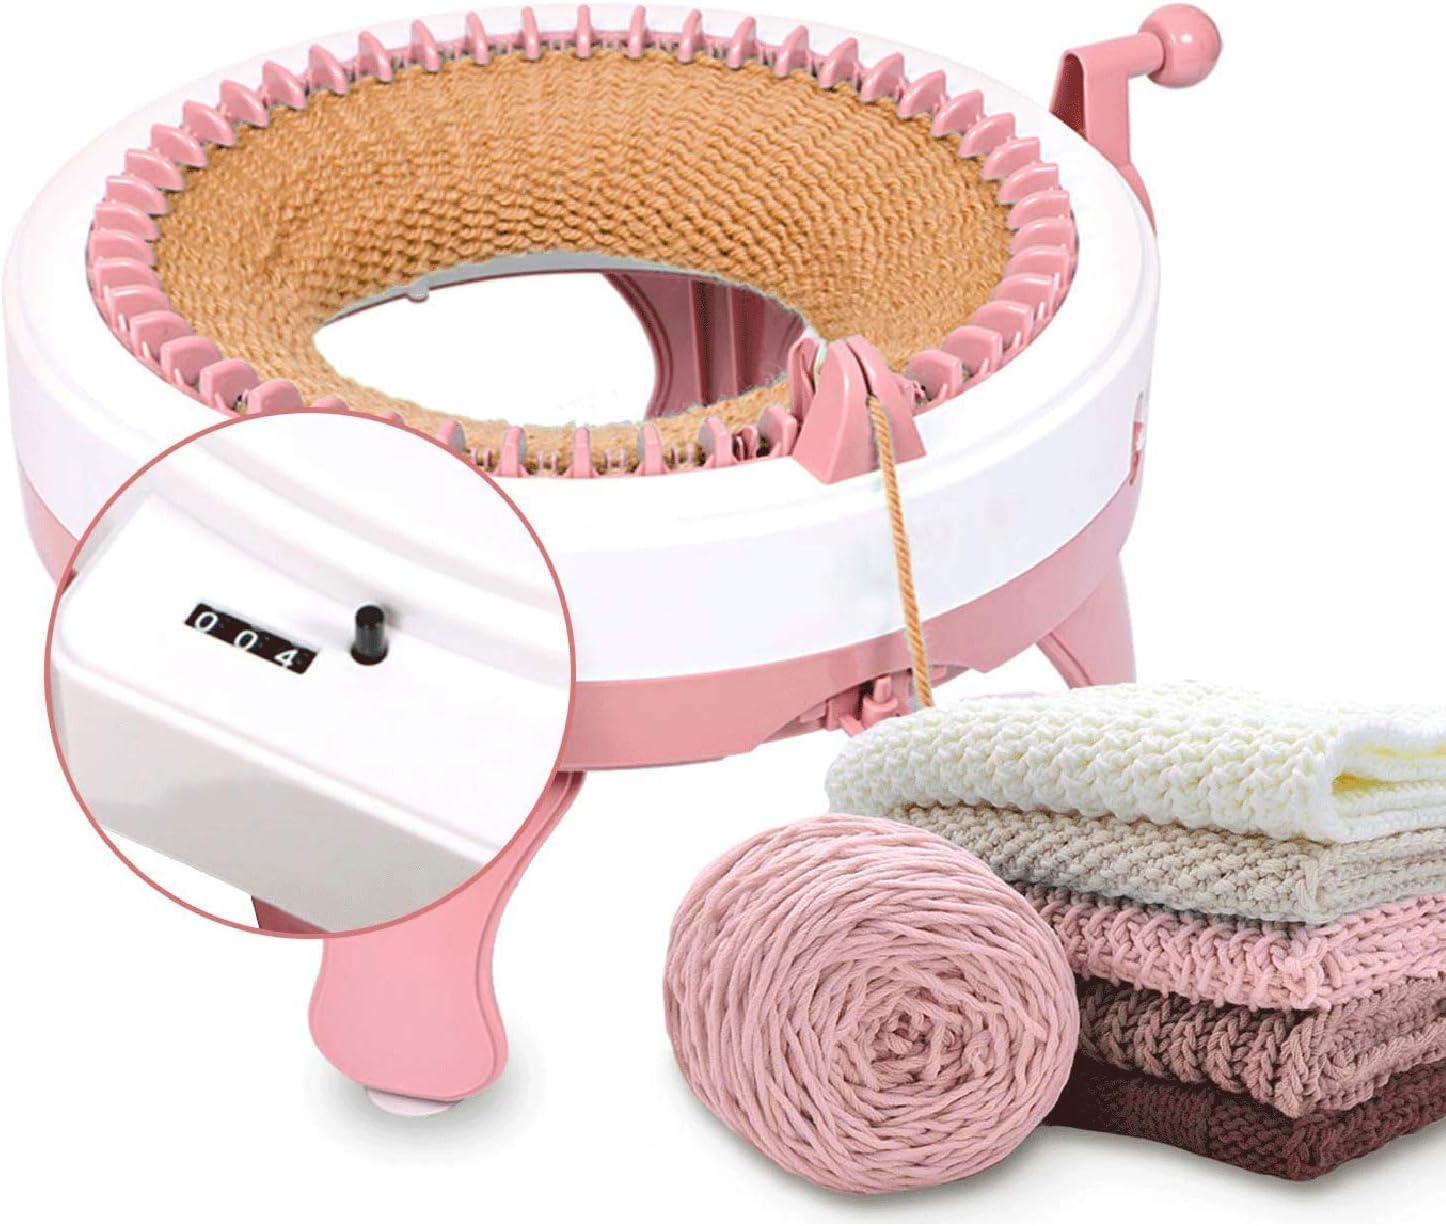 Smart Weaving Loom Stricken Rundwebrahmen f/ür Erwachsene//Kinder 48 Nadeln Stricken Webrahmen Maschine mit Reihenz/ähler FYGAIN Strickmaschine